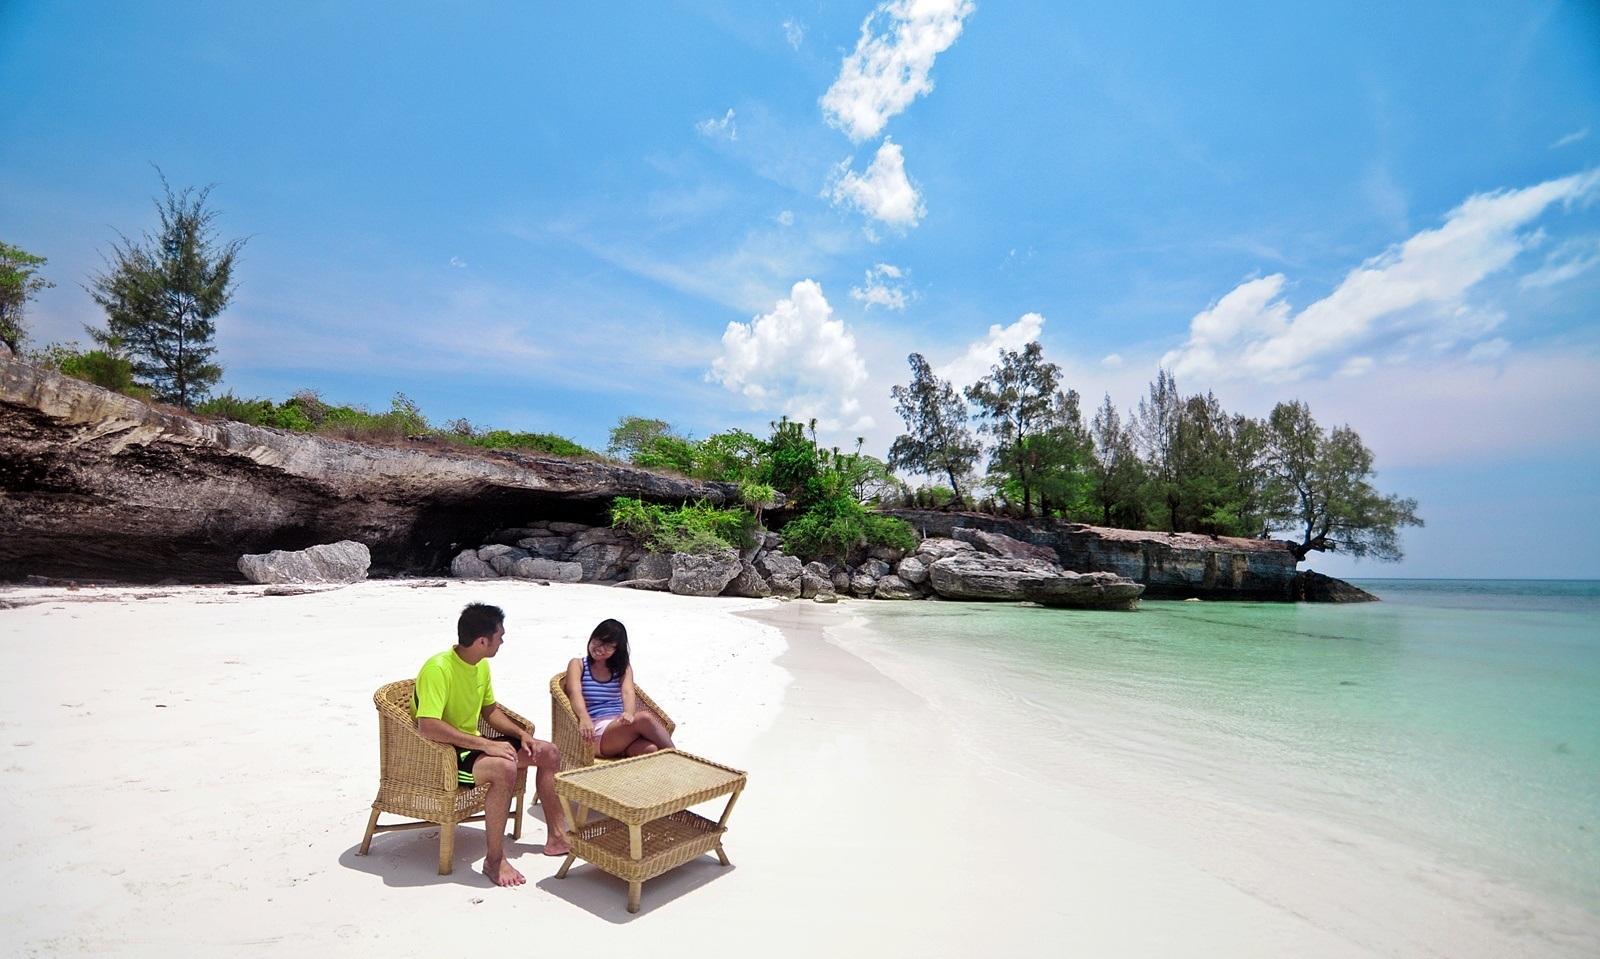 Pantai Pa Badilang Merupakan Pesona Alami Dari Pantai Utara Pulau Selayar Travellink Indonesia